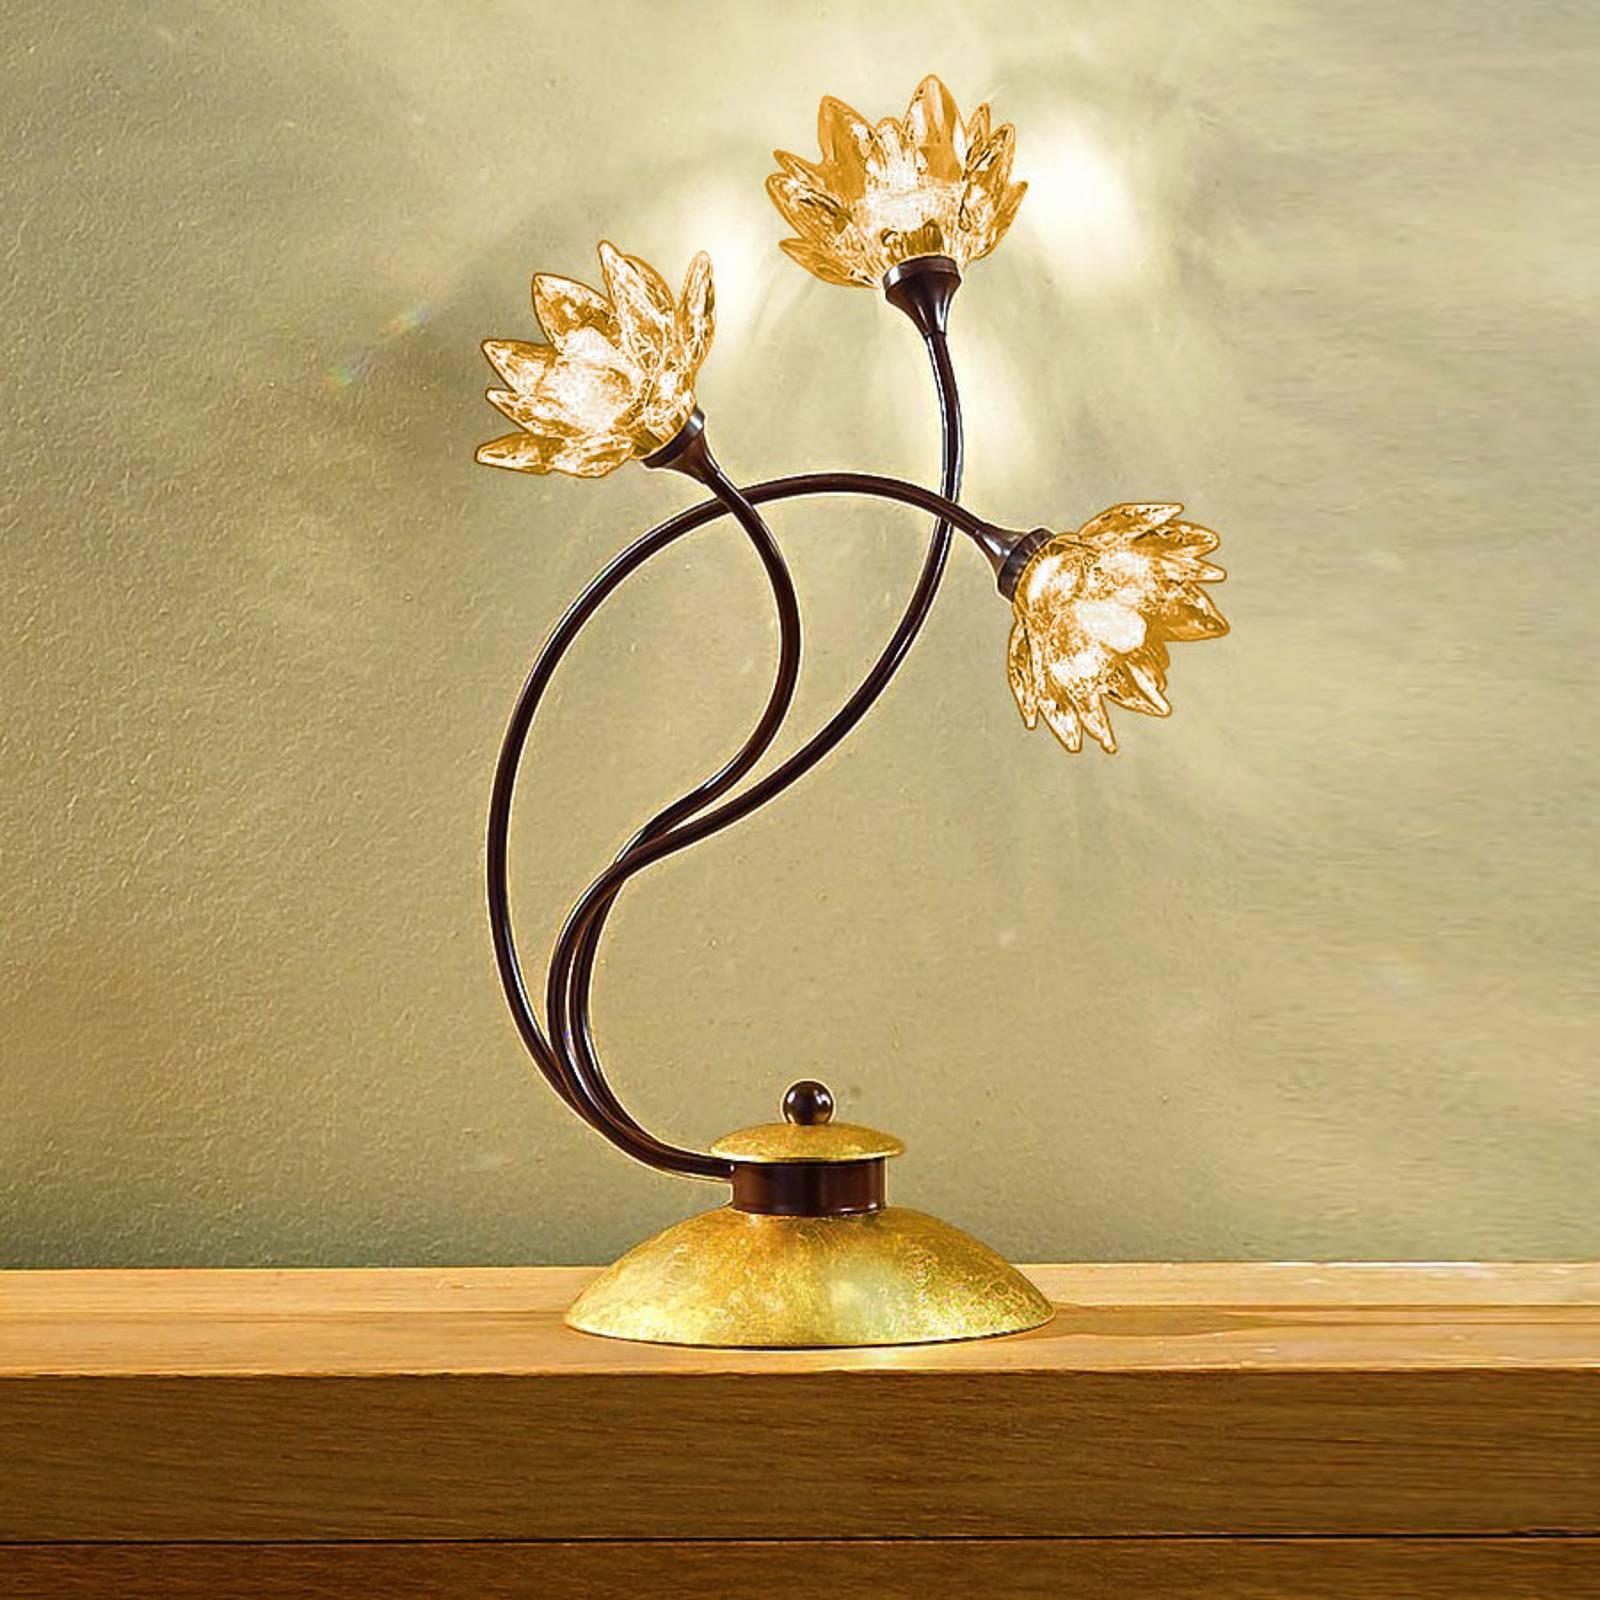 Kukikas Fiorella-pöytävalaisin, ambra kristalli